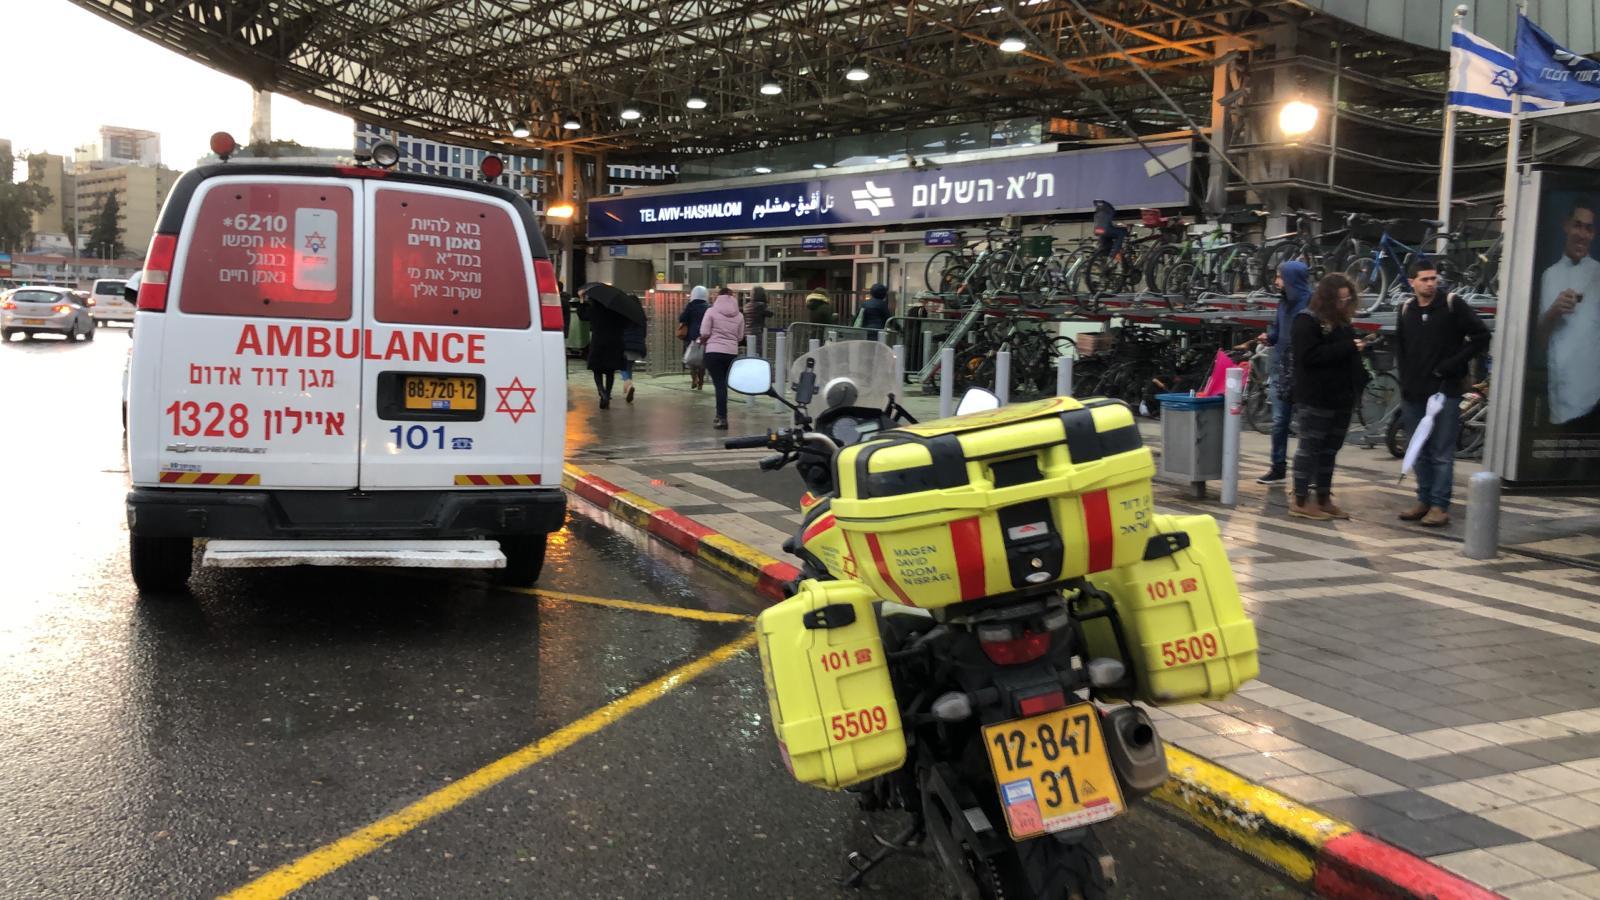 """Photo of דרמה בתחנת רכבת השלום בת""""א. תושייה של נוסעים ומנהל התחנה הצילו את חייה של צעירה שהתמוטטה ברציף ועברה החייאה"""